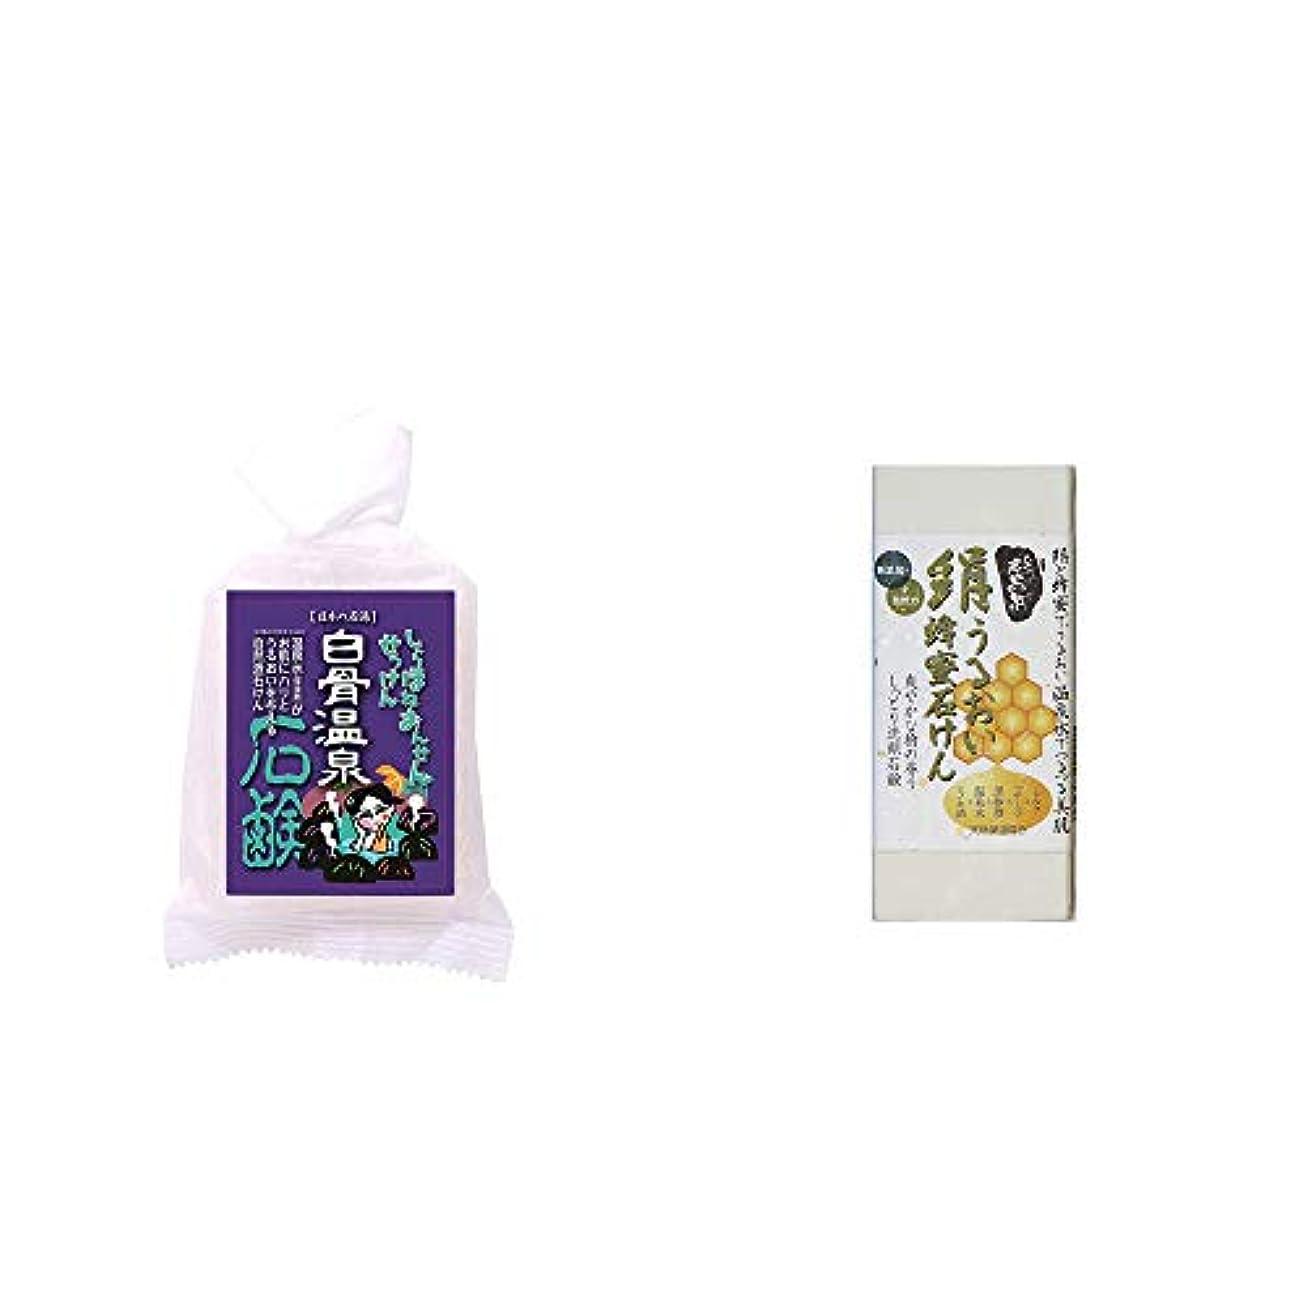 テスト蚊適切な[2点セット] 信州 白骨温泉石鹸(80g)?ひのき炭黒泉 絹うるおい蜂蜜石けん(75g×2)